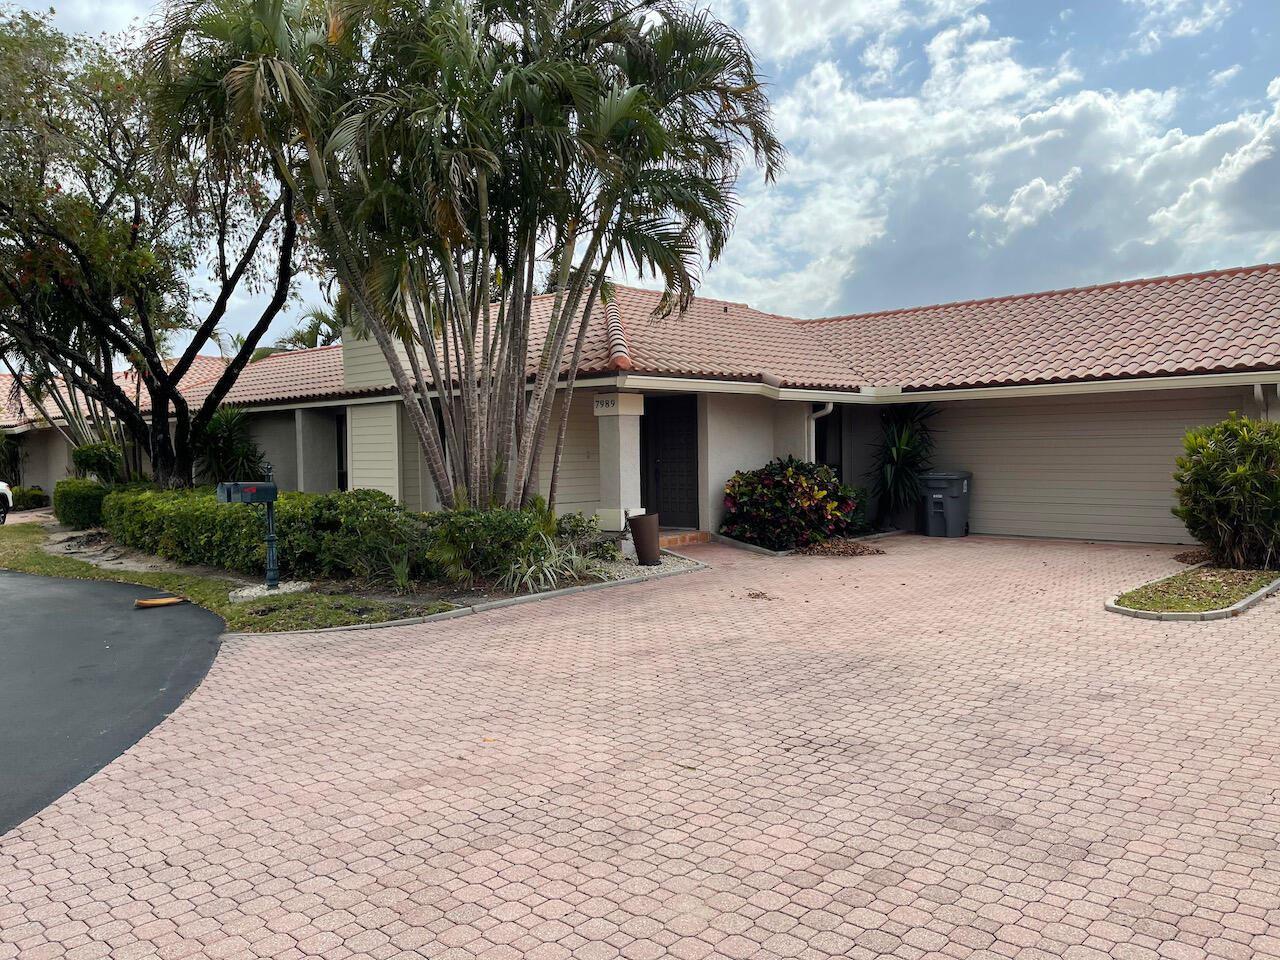 7989 Palacio Del Mar Drive, Boca Raton, FL 33433 - MLS#: RX-10705189